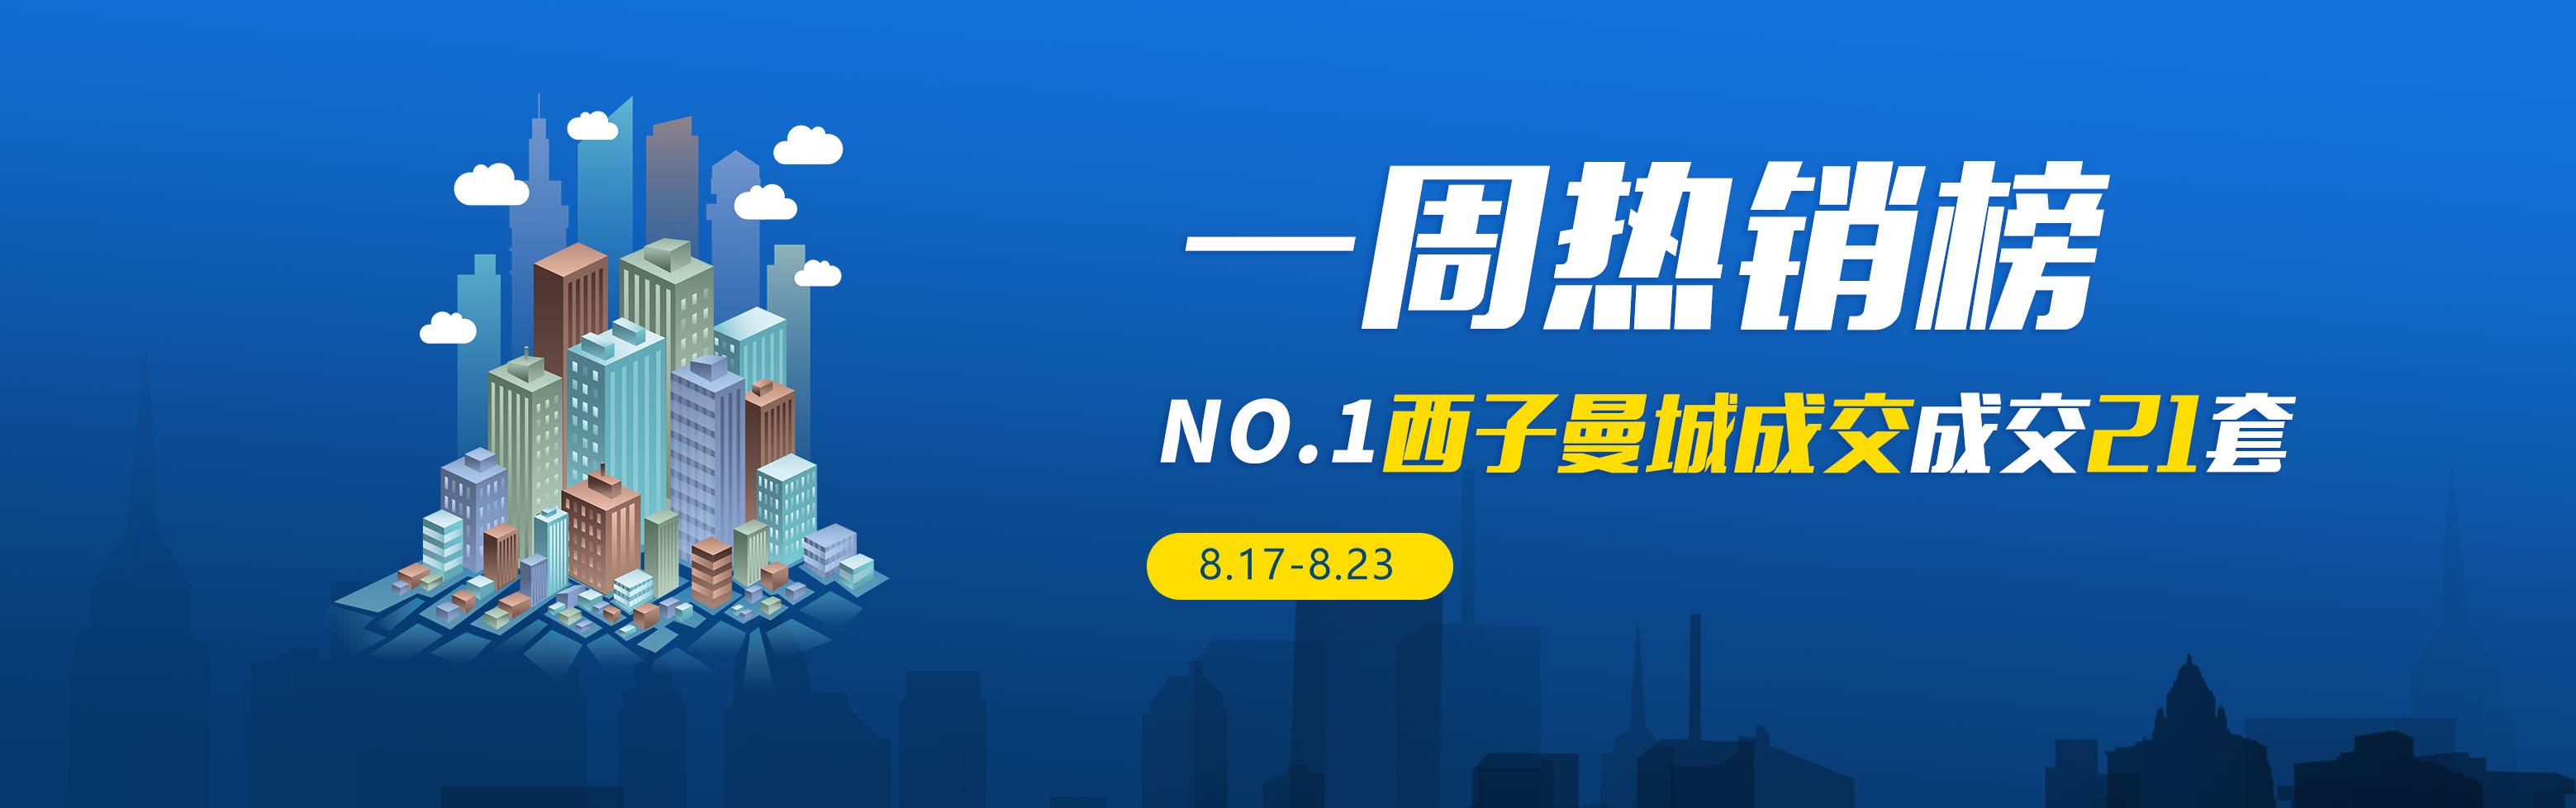 一周热销榜(8.17-8.23)